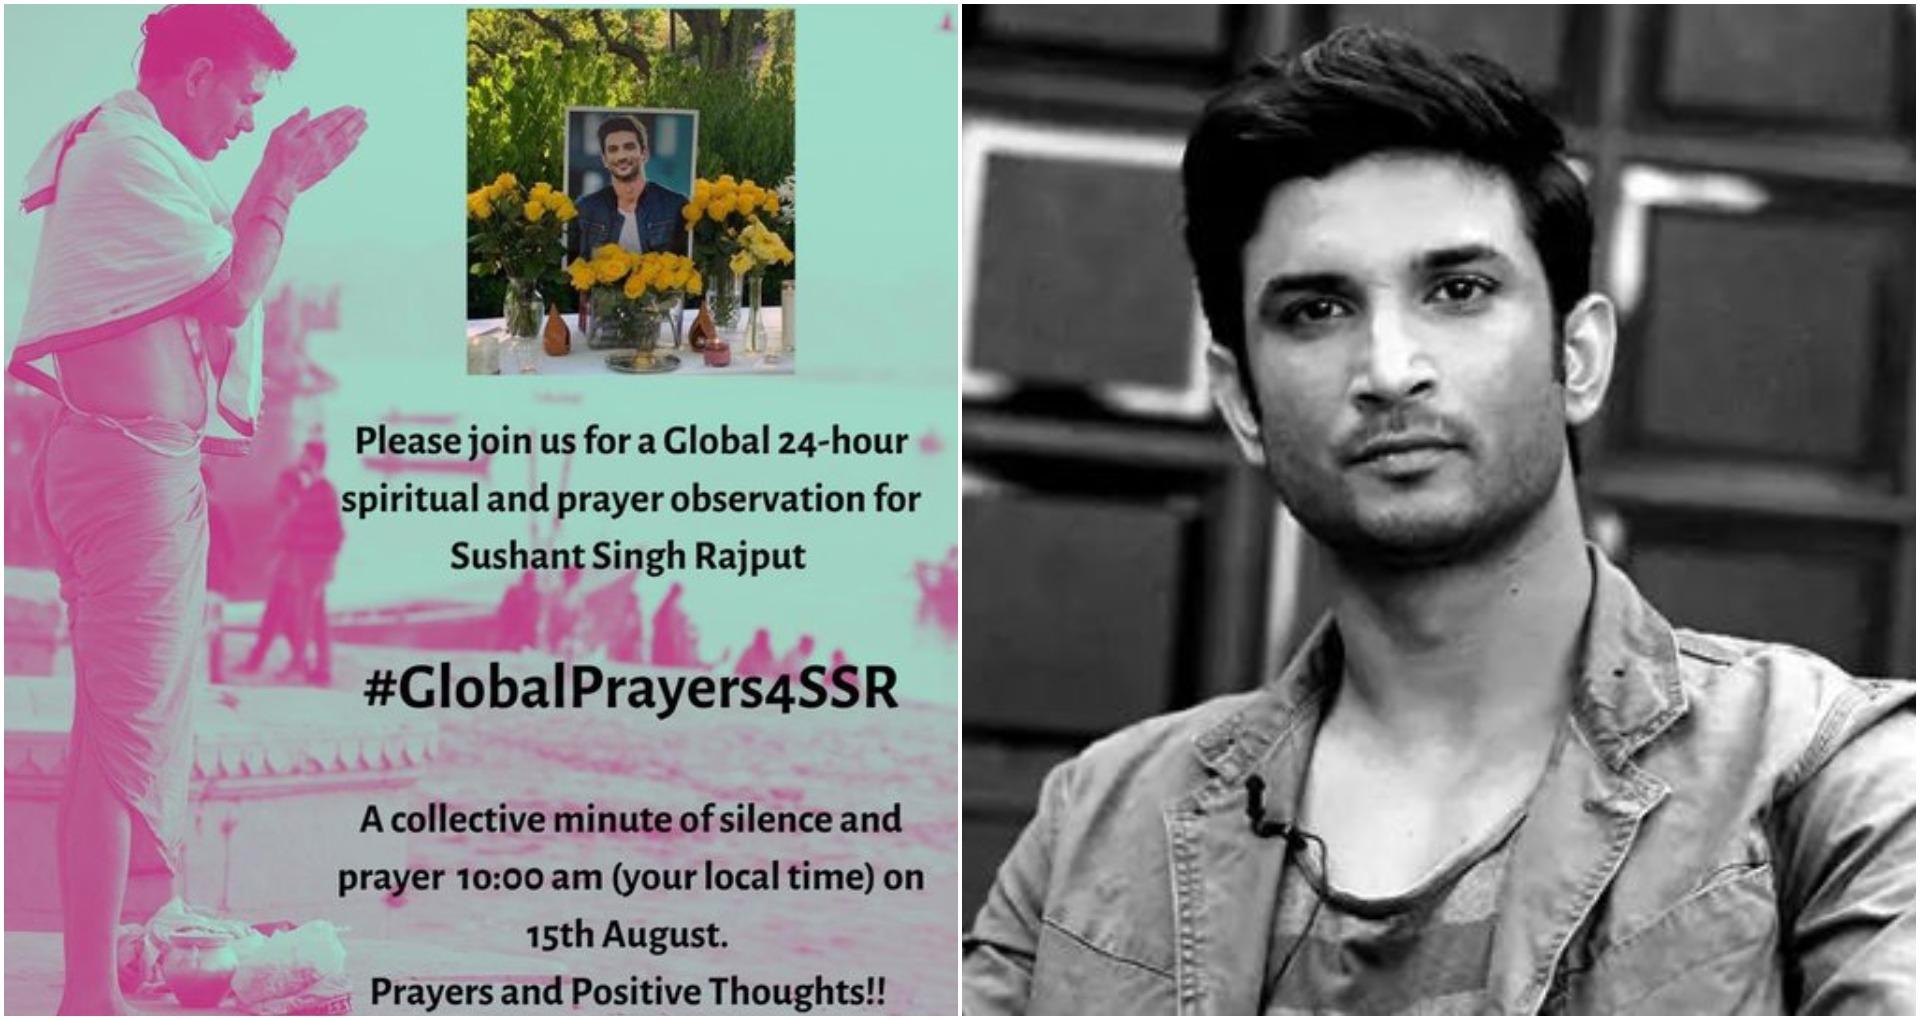 सुशांत सिंह राजपूत के लिए 15 अगस्त को ग्लोबल प्रेयर, बहन श्वेता ने की जुड़ने की अपील!